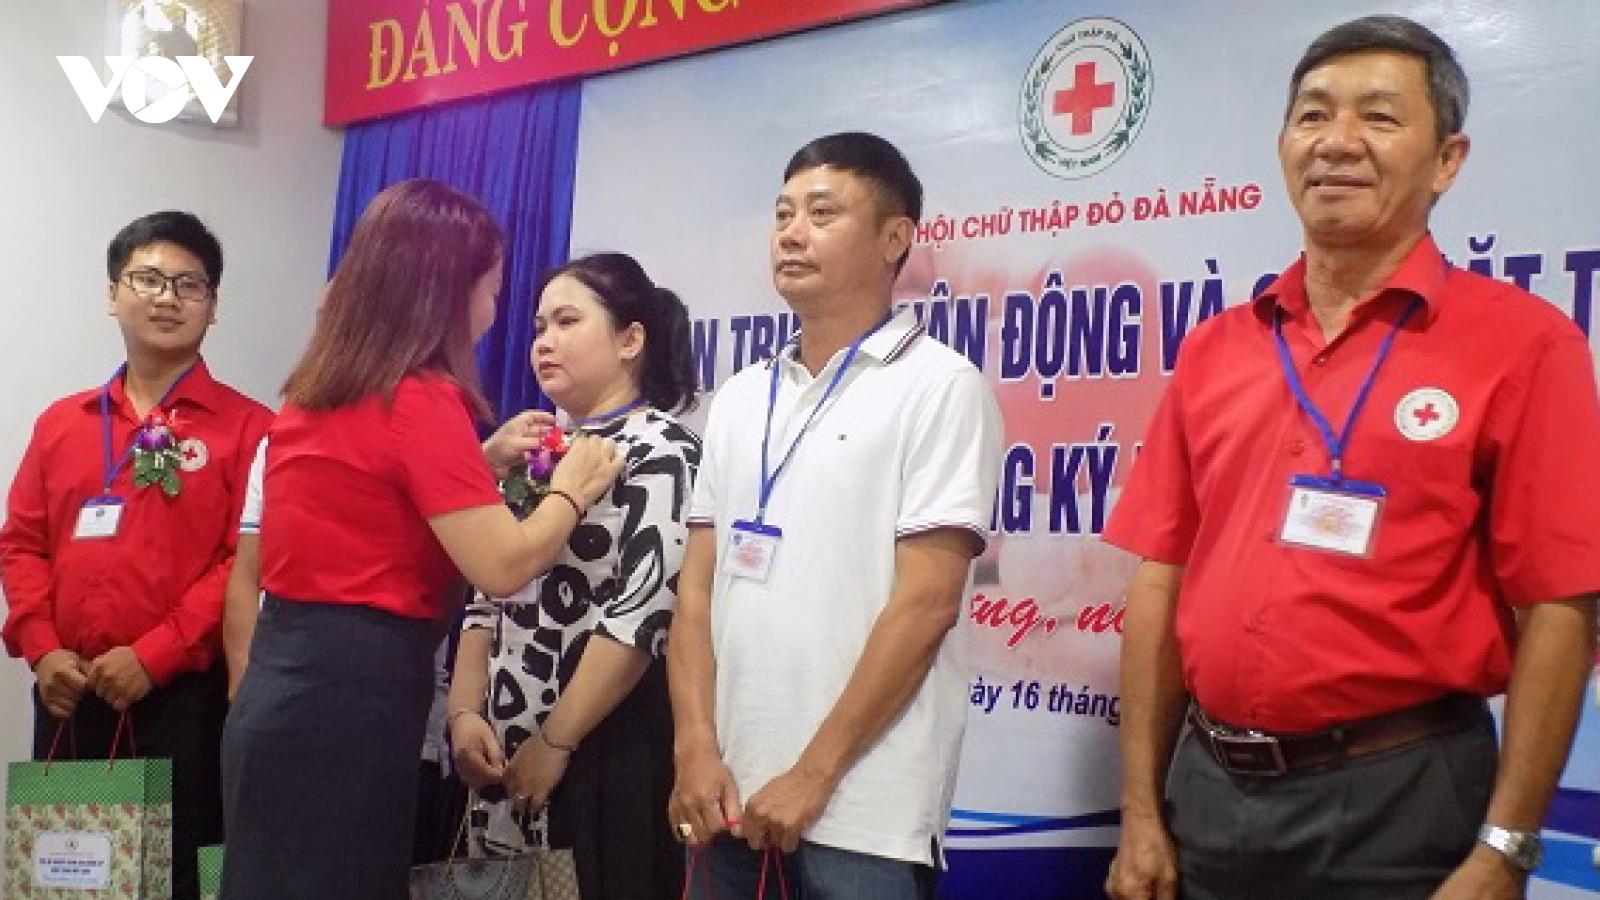 Tiếp tục lan toả phong trào hiến tặng mô, tạng tại Đà Nẵng